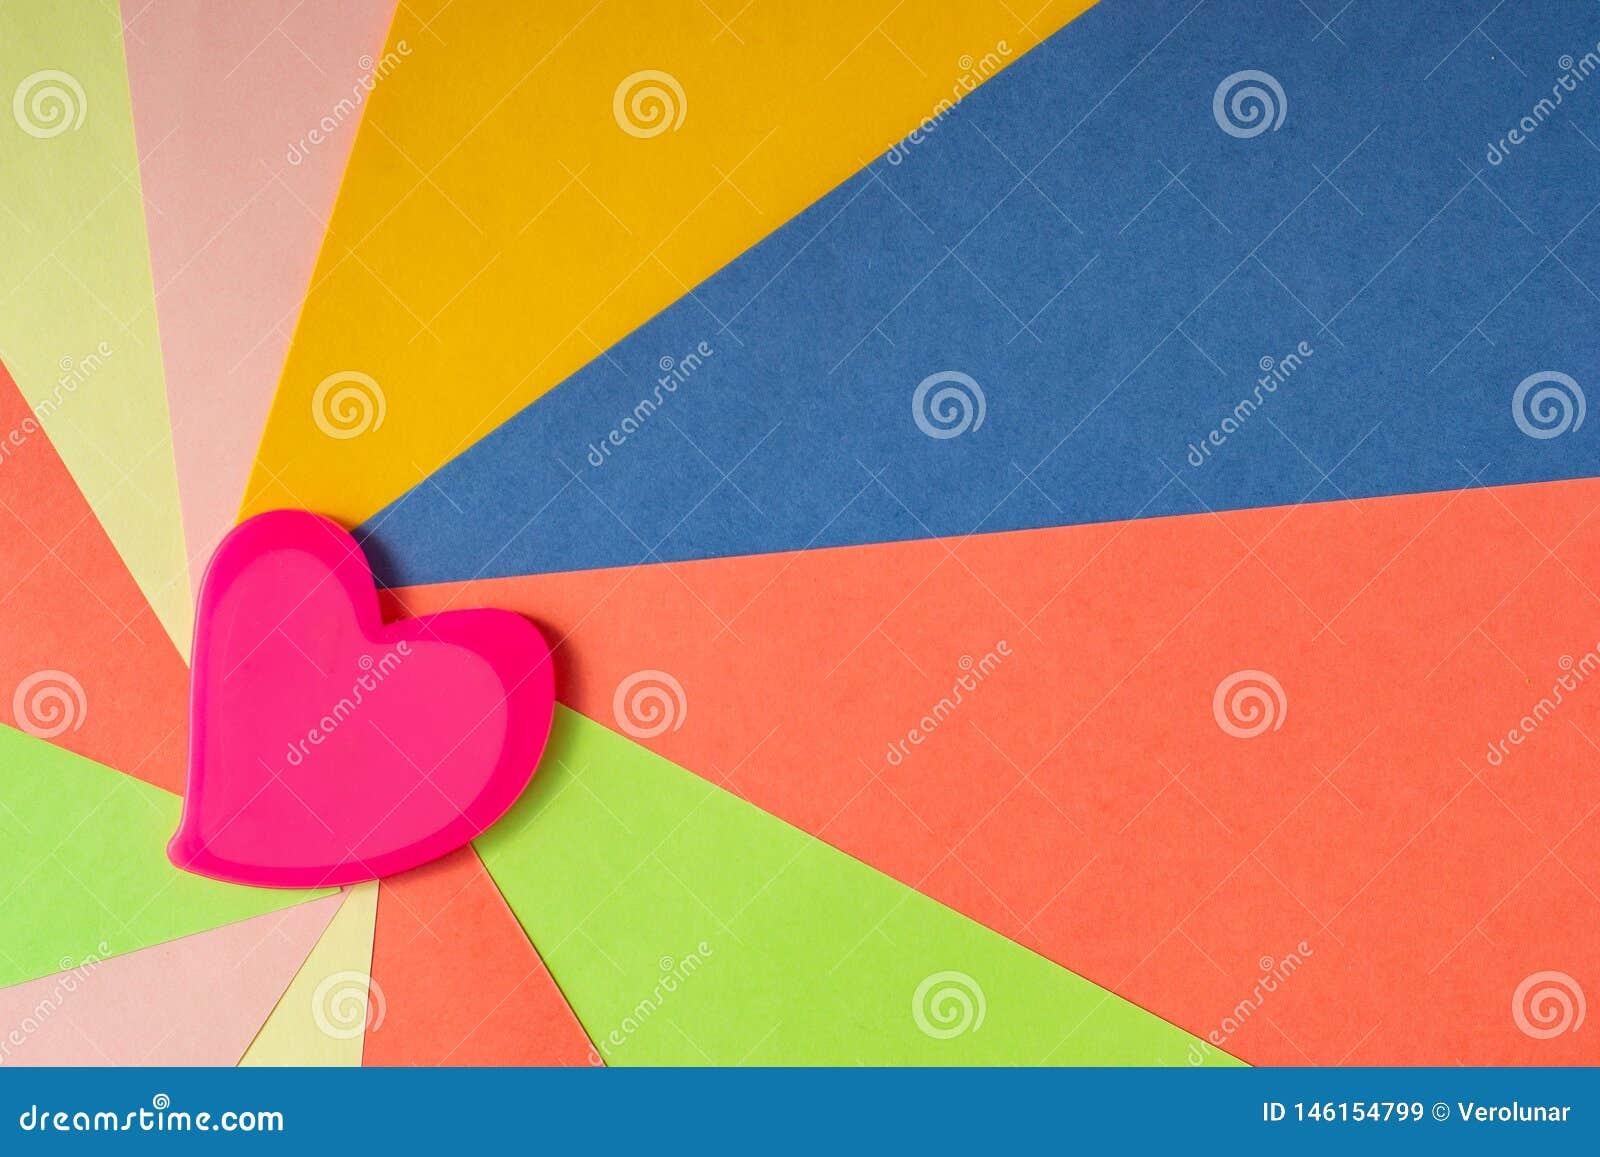 Le coeur rose sur le papier color? sous forme de rayons s ?cartent du bord gauche